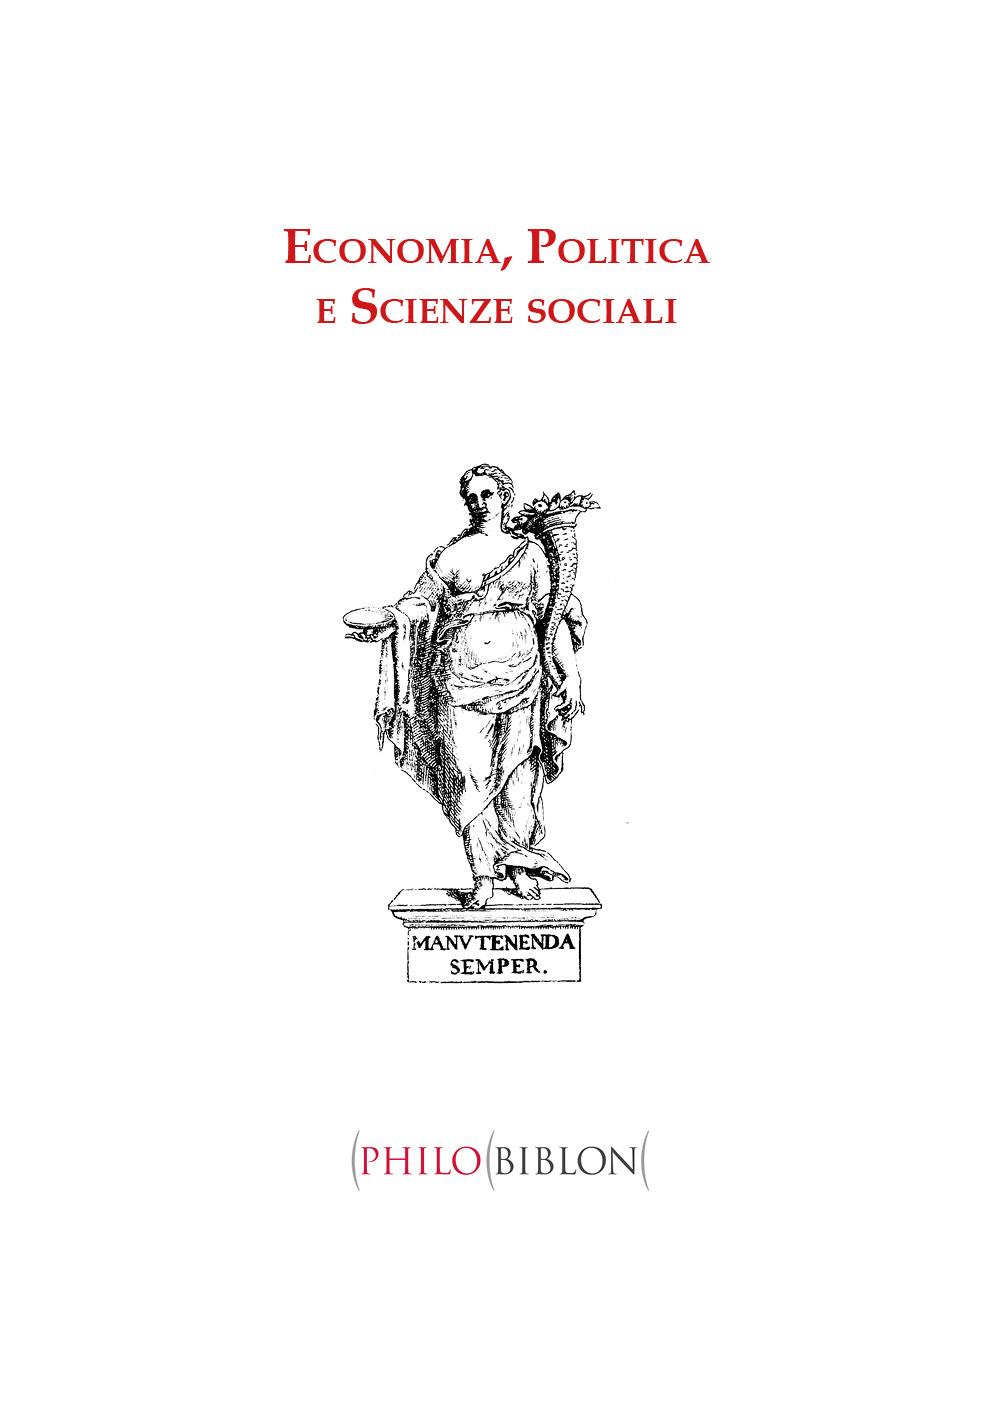 Economia, Politica, Scienze sociali